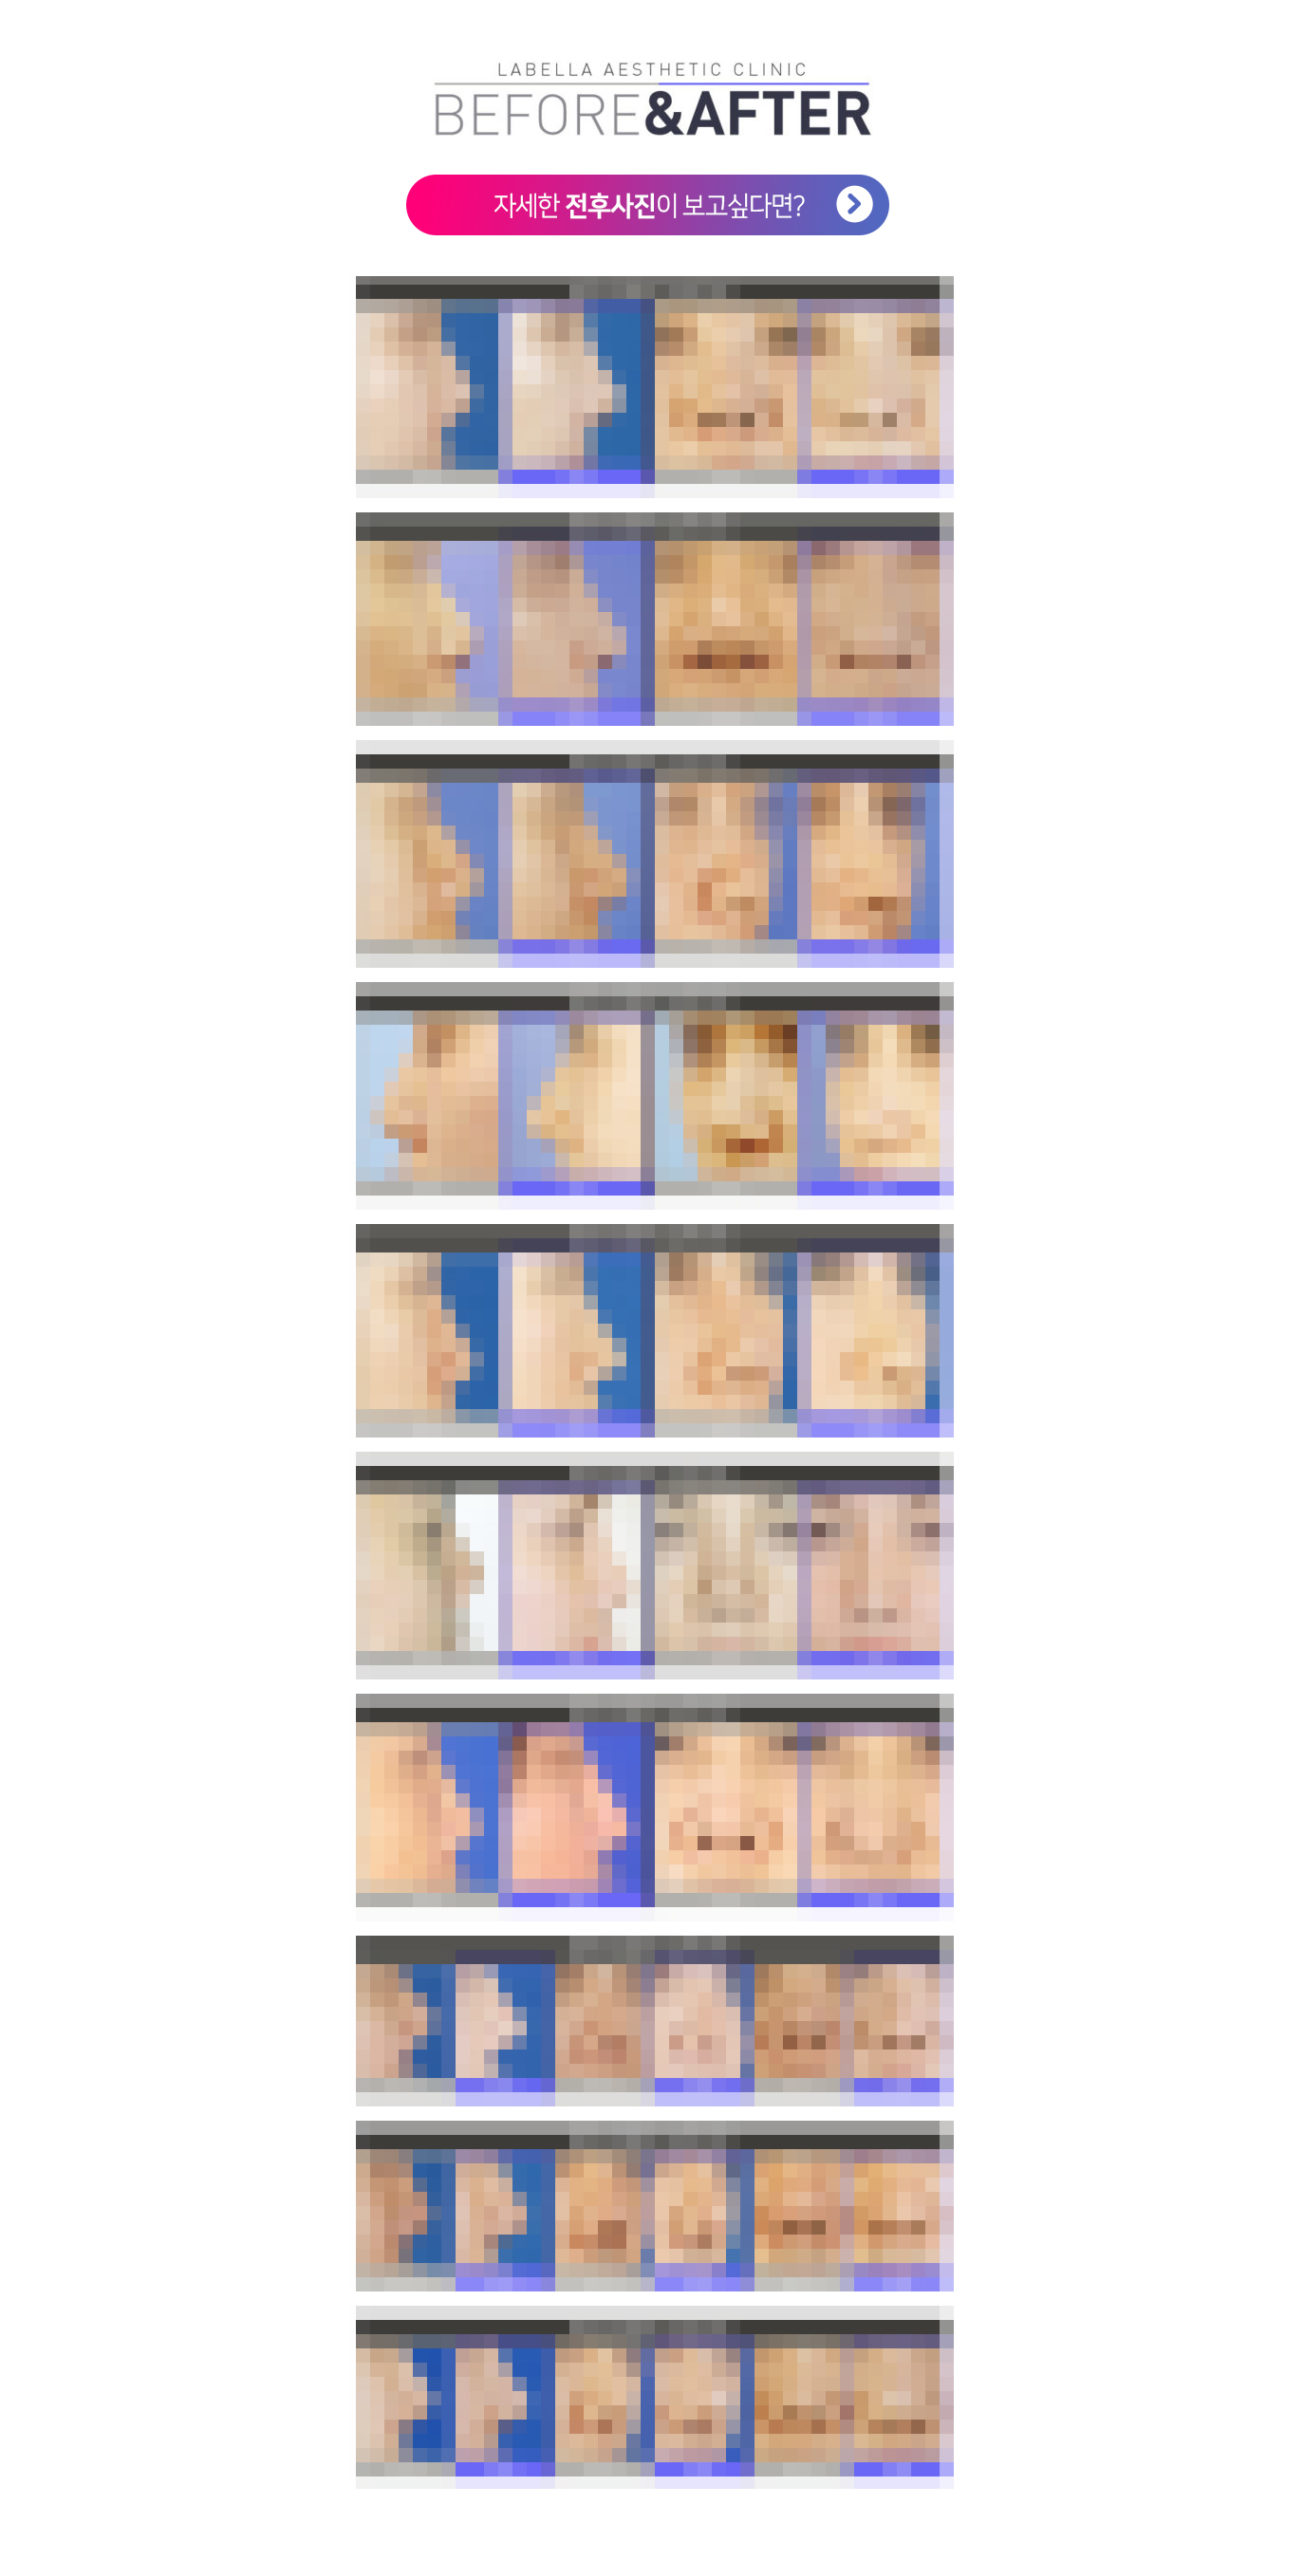 강남 신논현역 피부과 성형외과 라벨라 짧은코들창코 전후사진